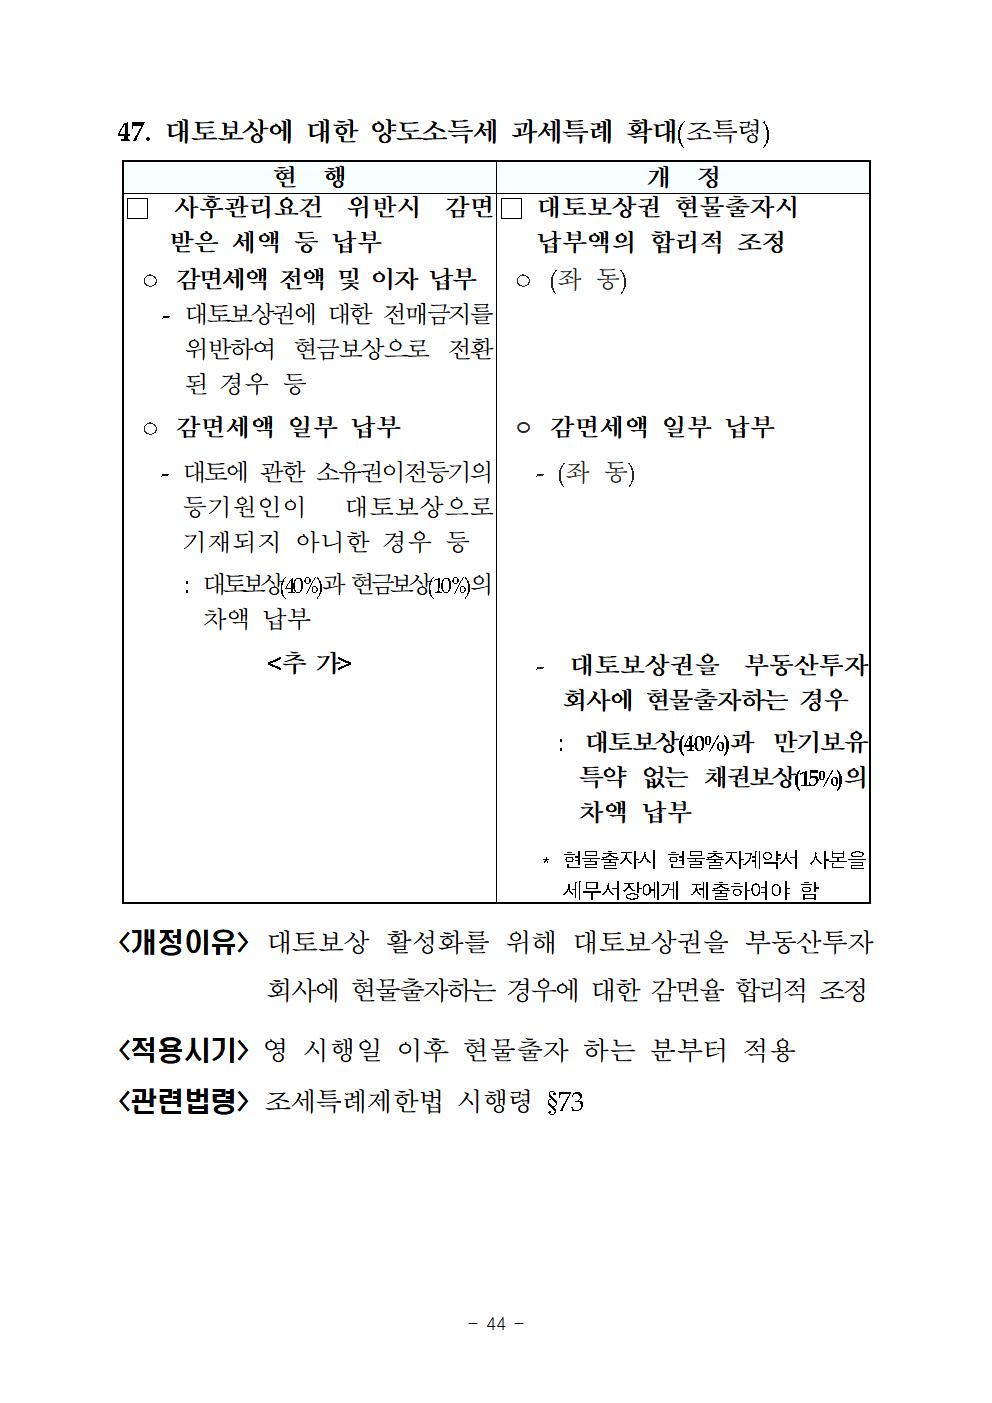 2019년세법개정내용(양도소득세분야)049.png